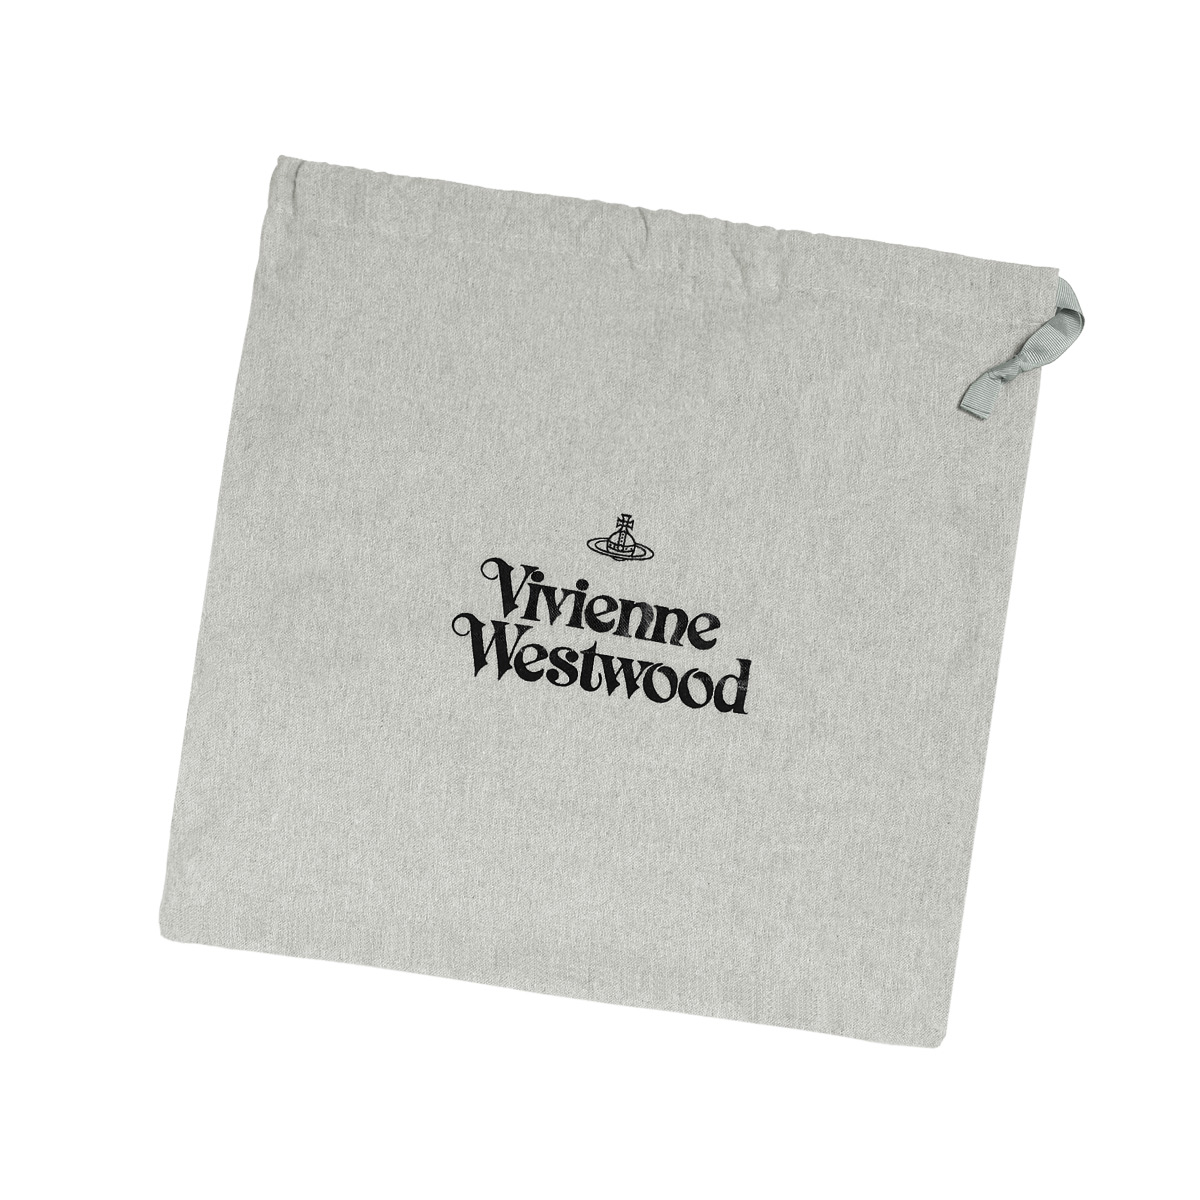 VIVIENNE WESTWOOD ヴィヴィアン ウエストウッド | ショルダー付 ハンドバッグ スモール | BETTY ベティ